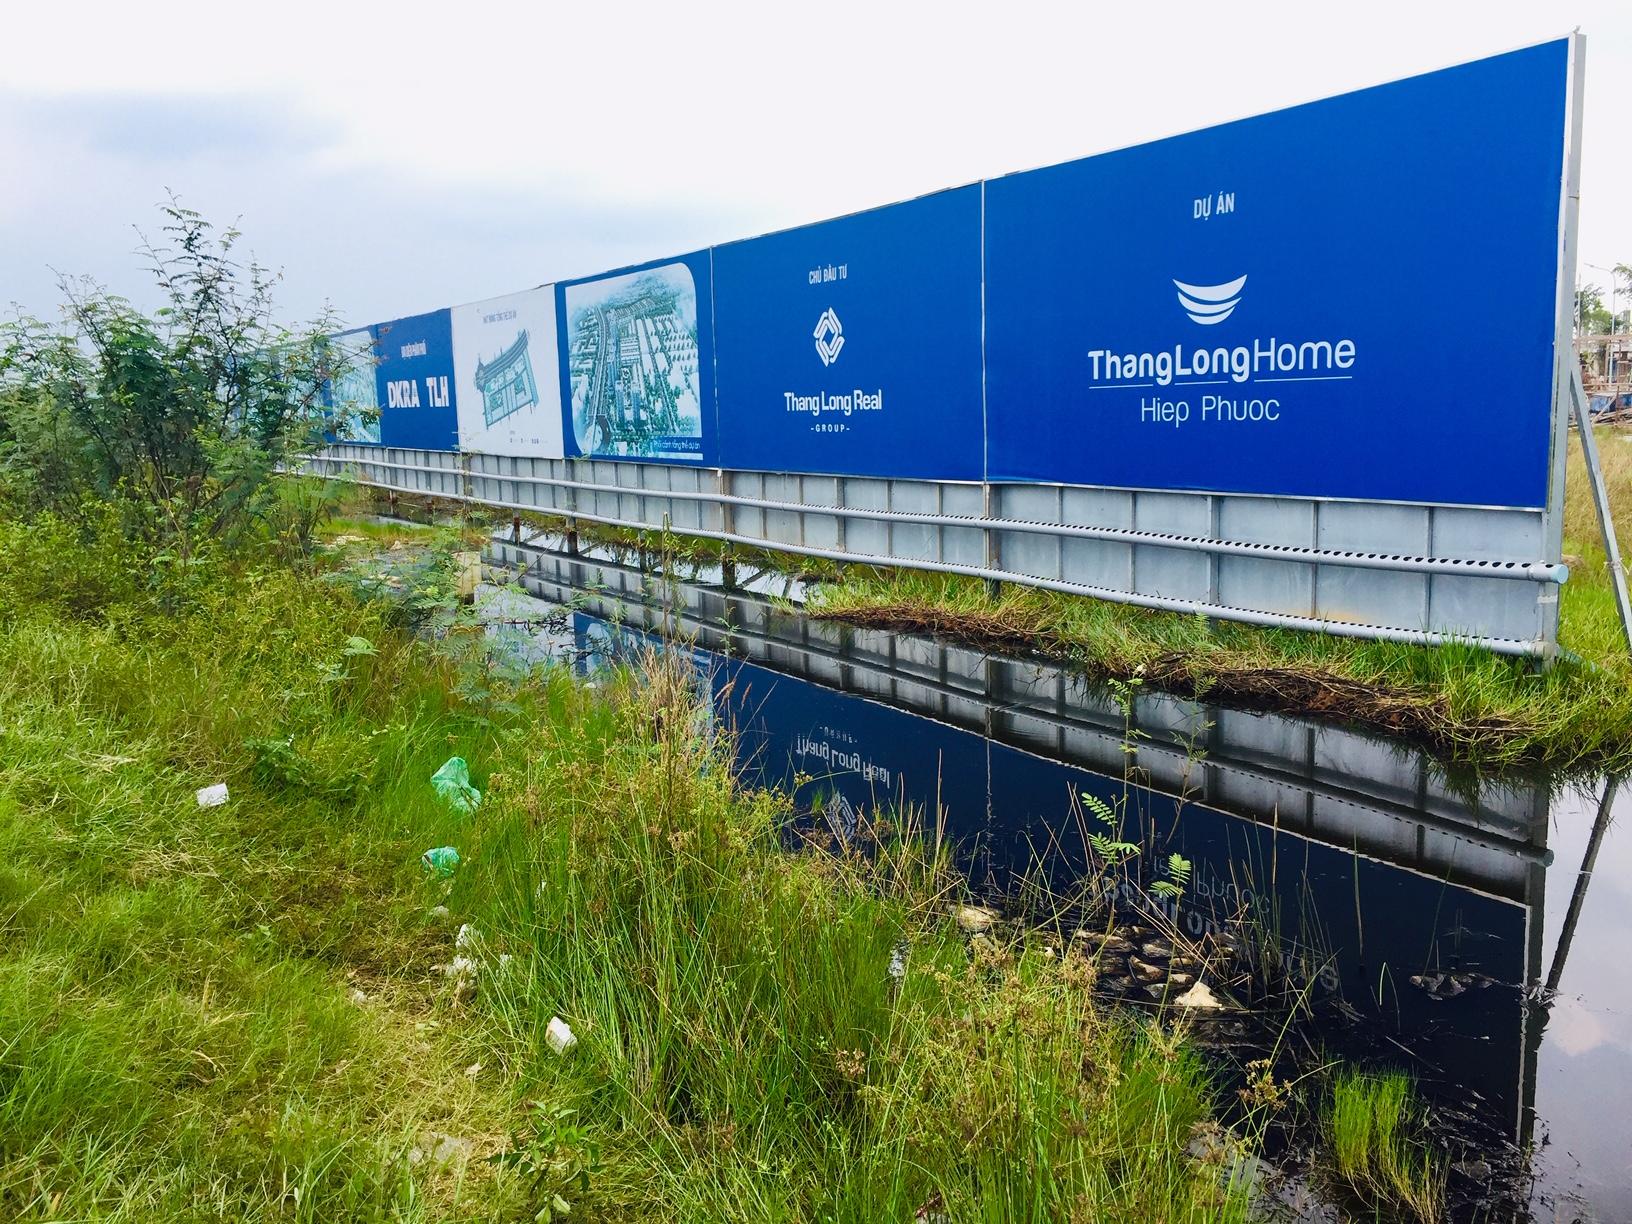 Dự án Thang Long Home - Hiệp Phước nằm cạnh con kênh rạch nước đen ngòm, hôi thối nhưng được chủ đầu tư quảng cáo với những